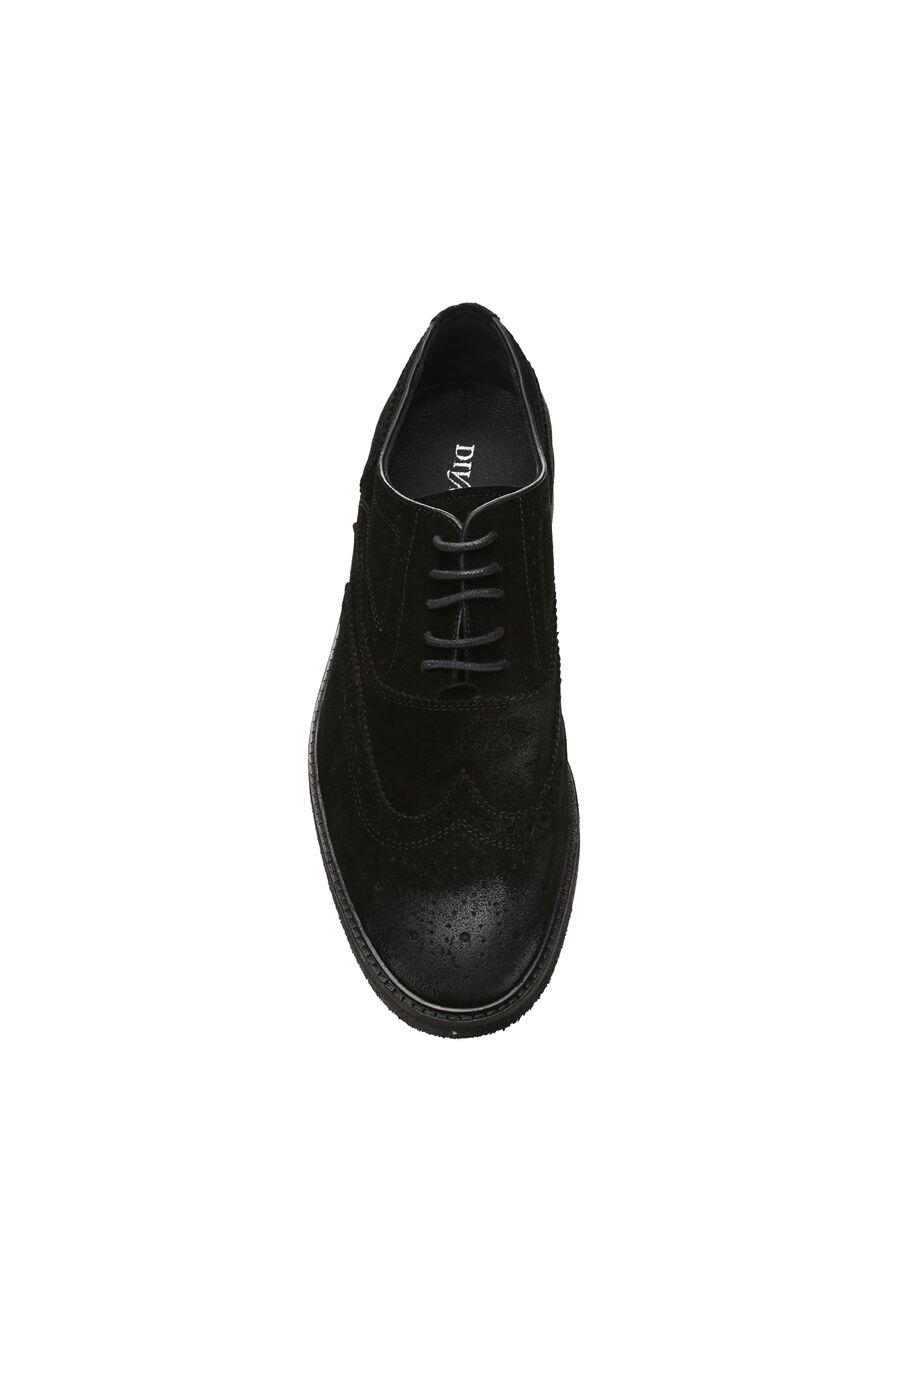 Zımbalı Siyah Süet Erkek Ayakkabı